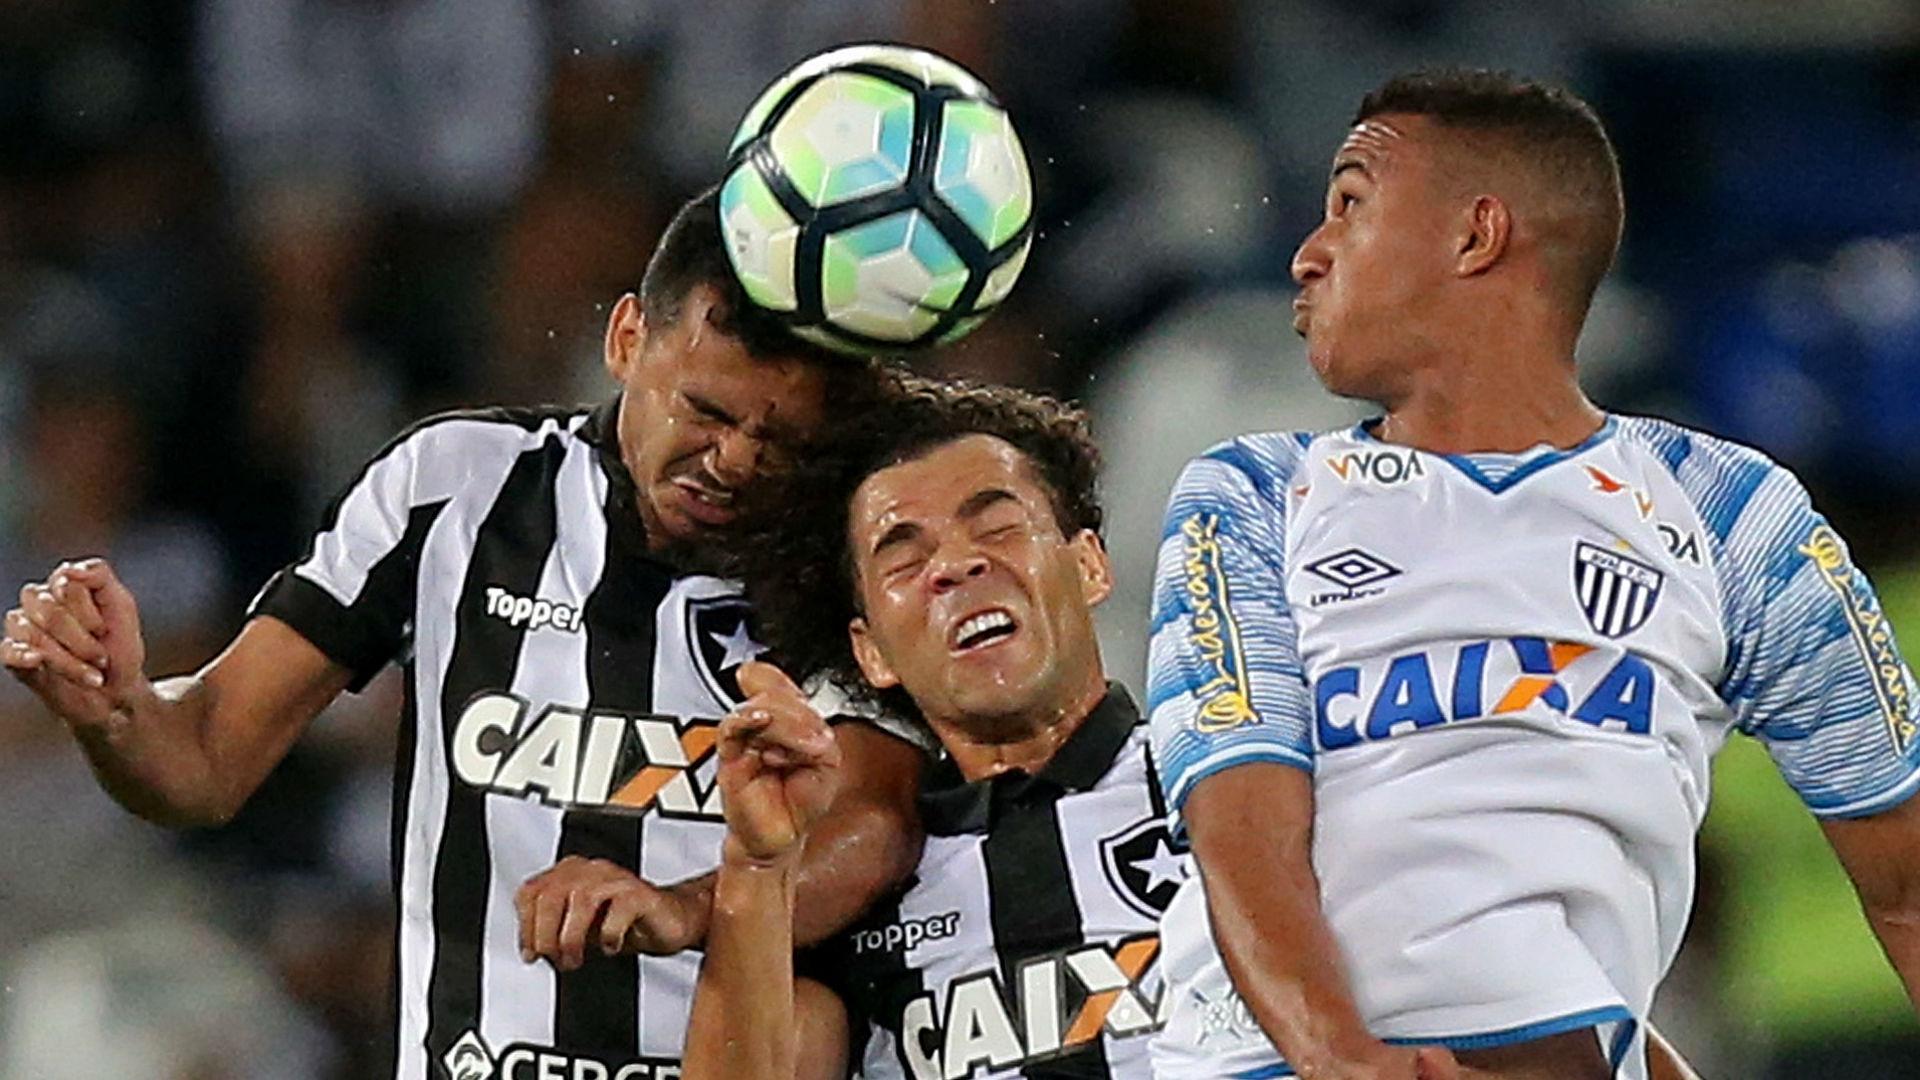 Lindoso Camilo Botafogo Avaí Brasileirão 29 06 2017